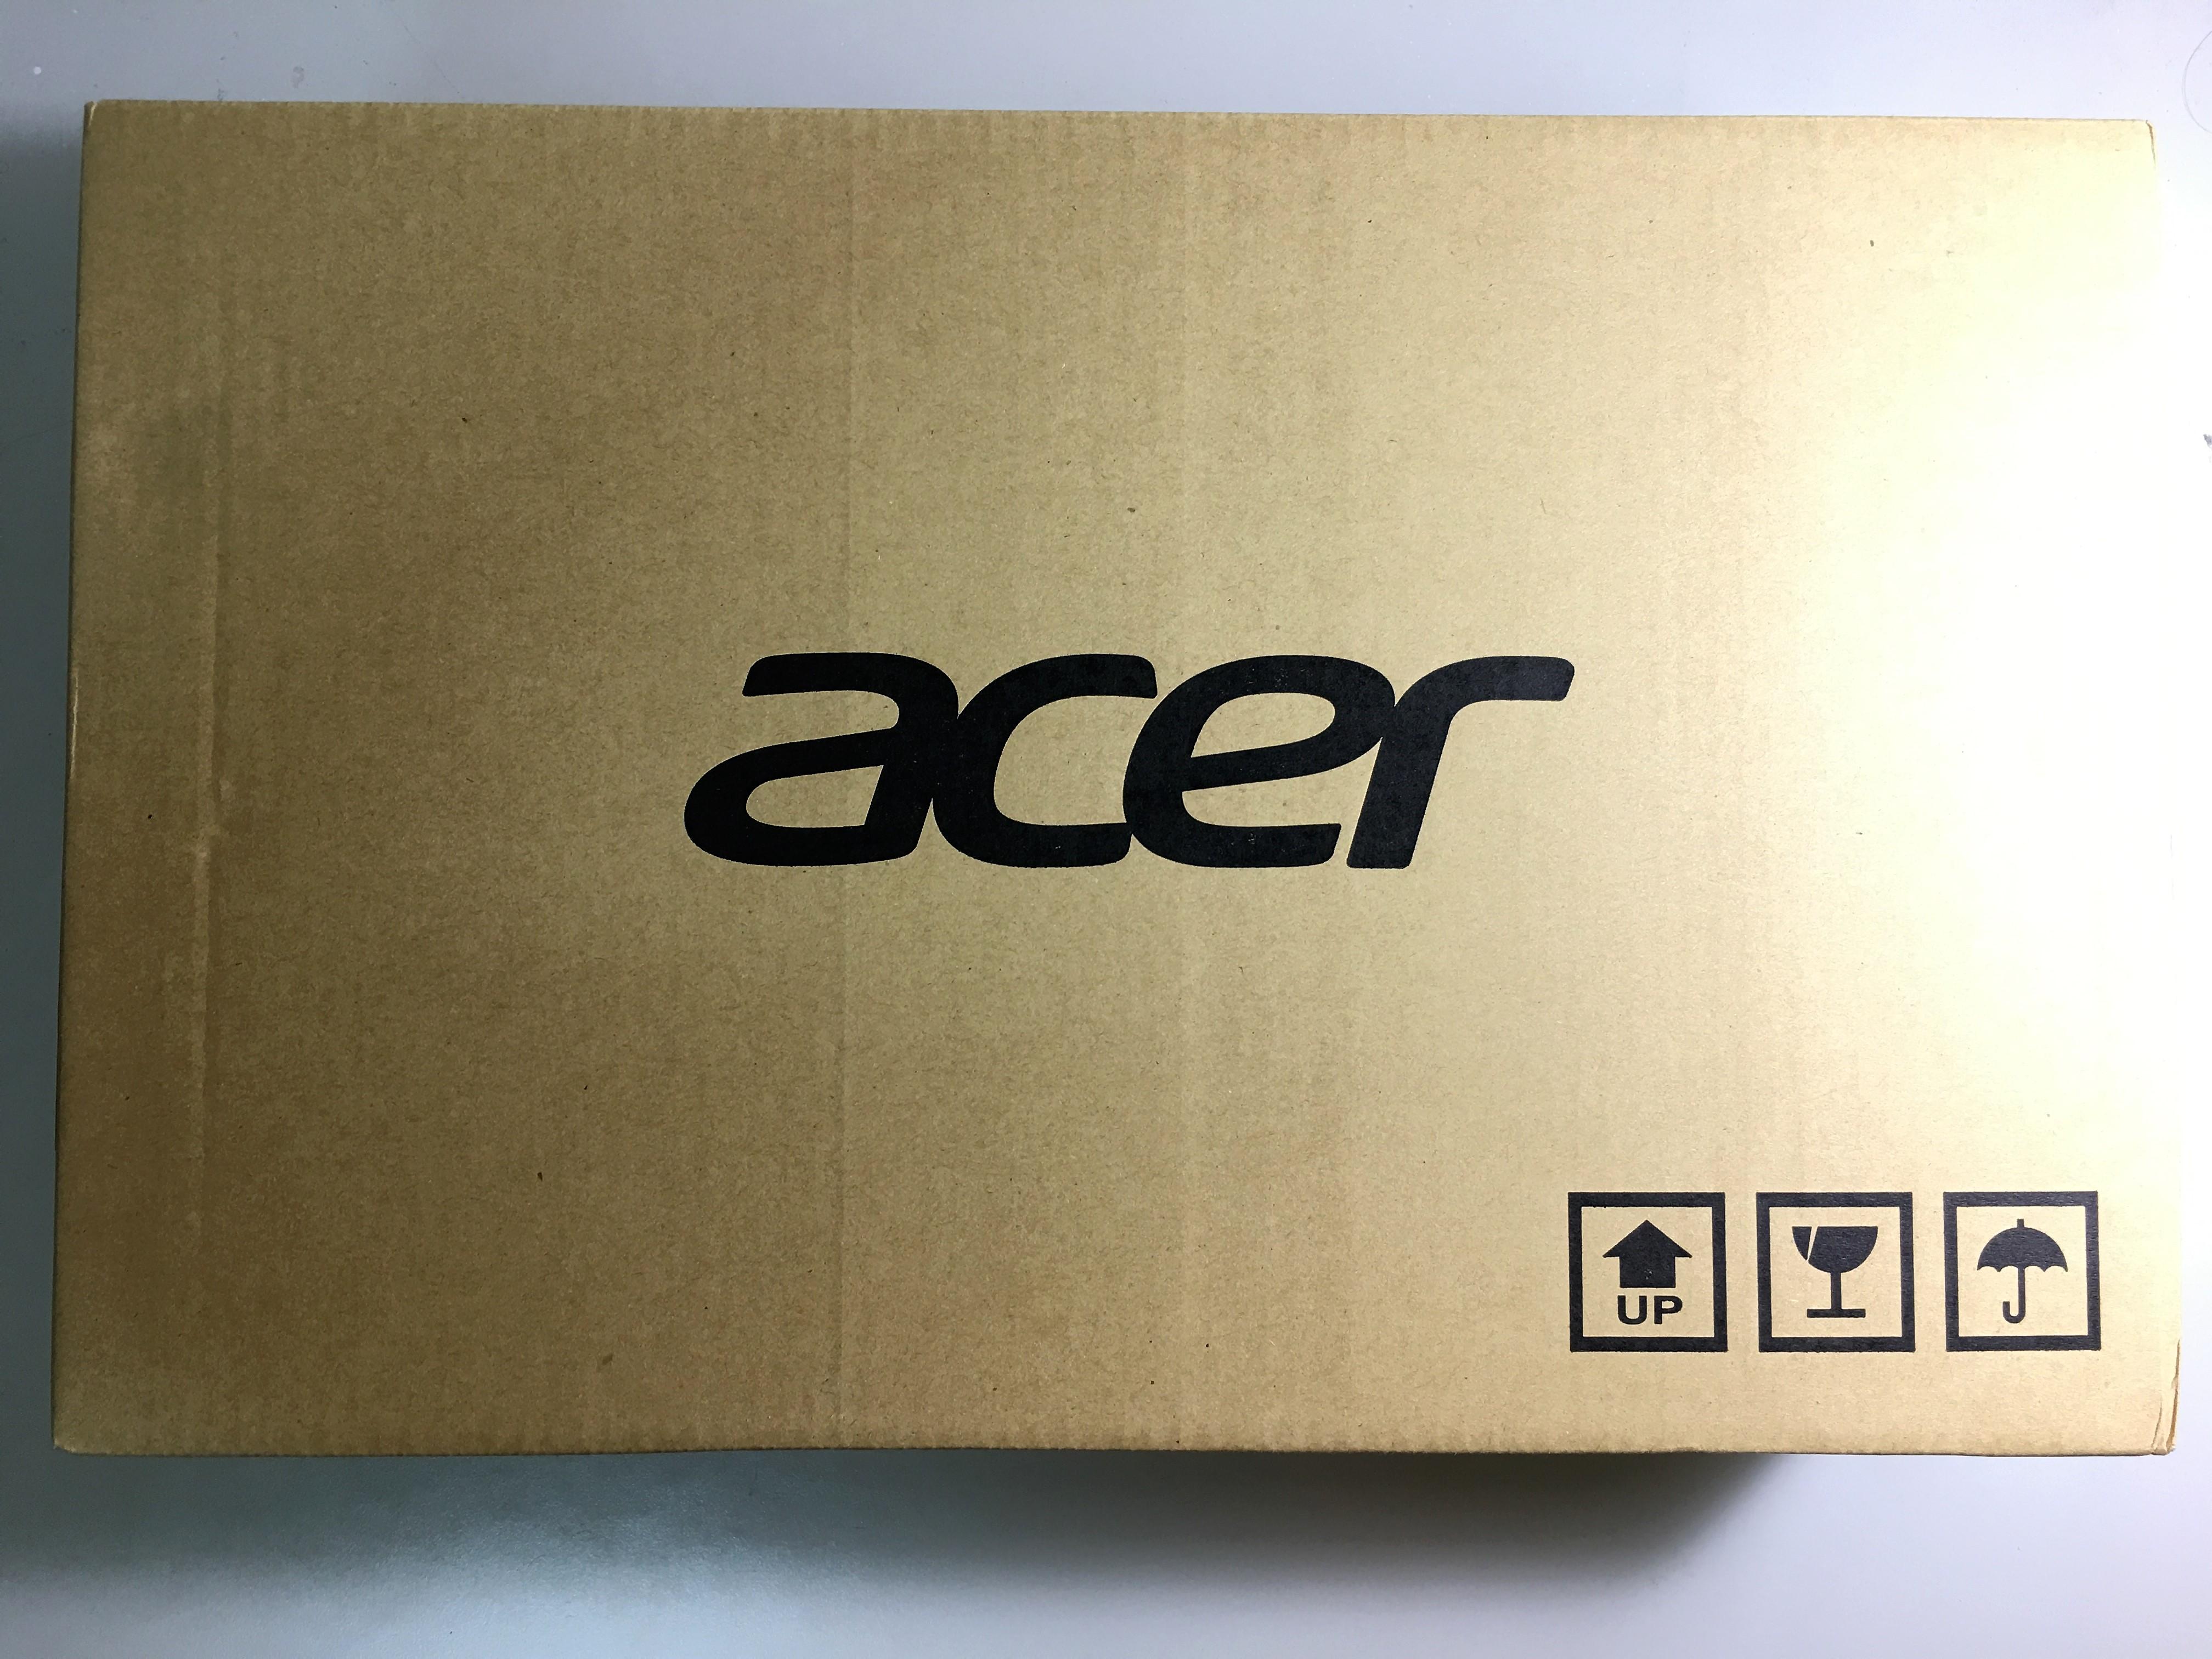 紙箱外觀,印有Acer字樣